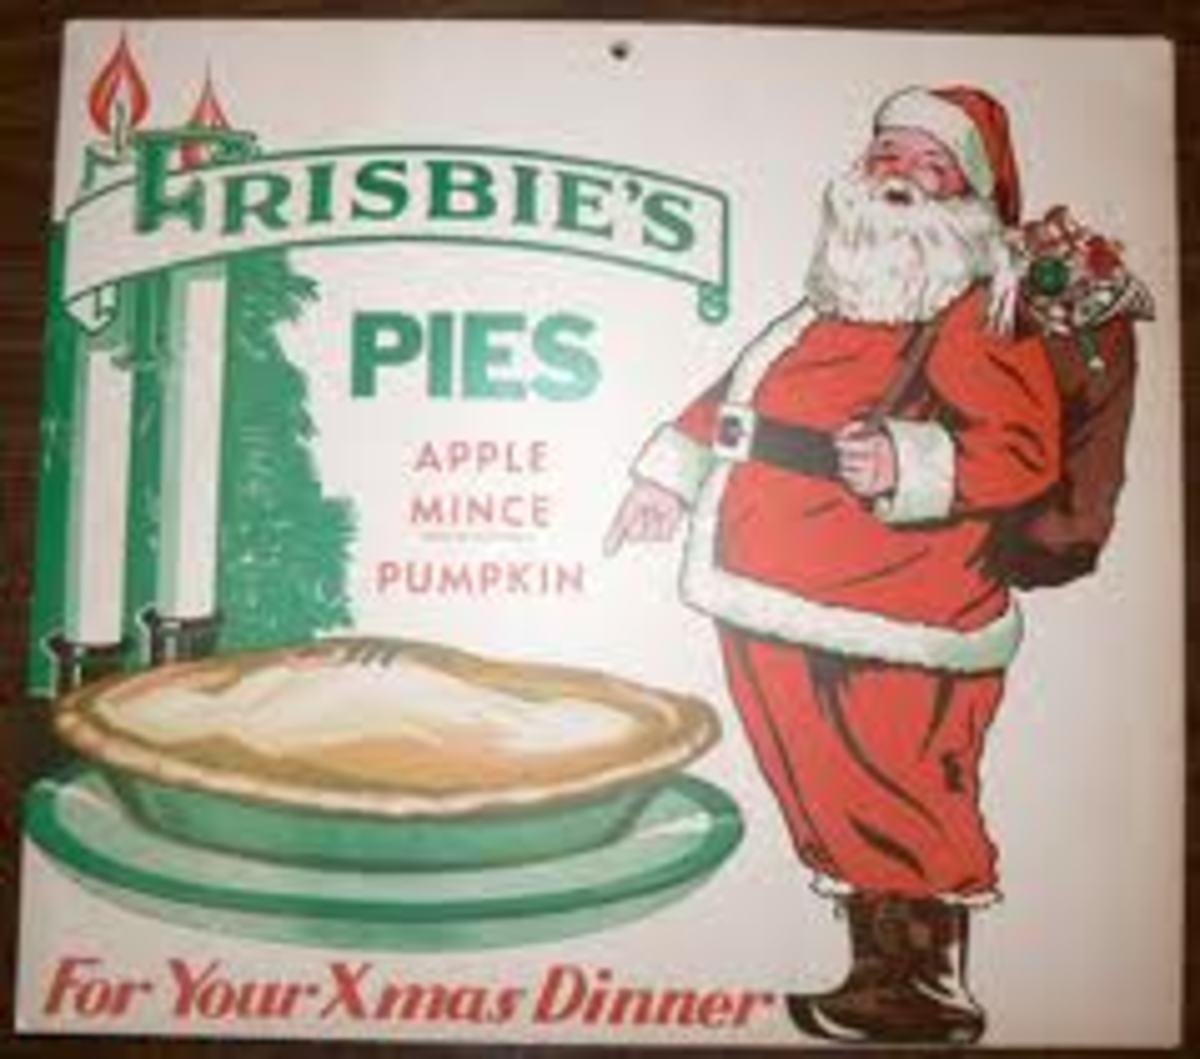 Frisbie's Pies